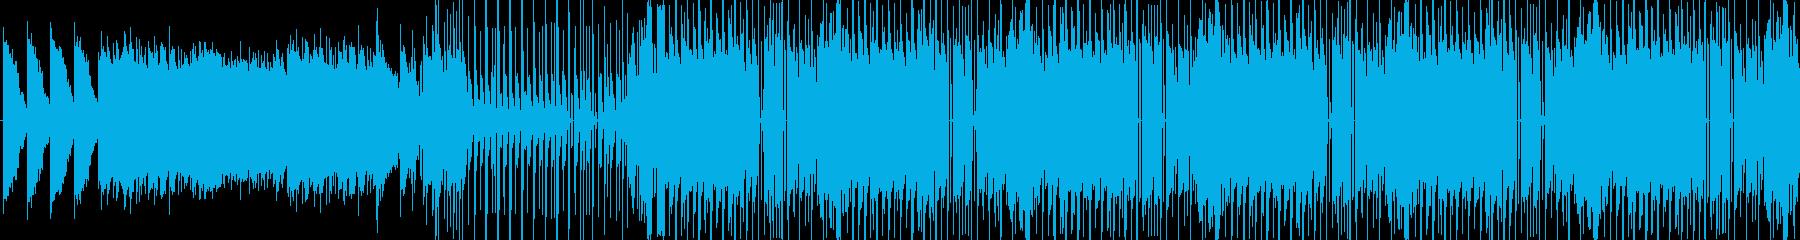 【おしゃれなハウスJAZZ】の再生済みの波形